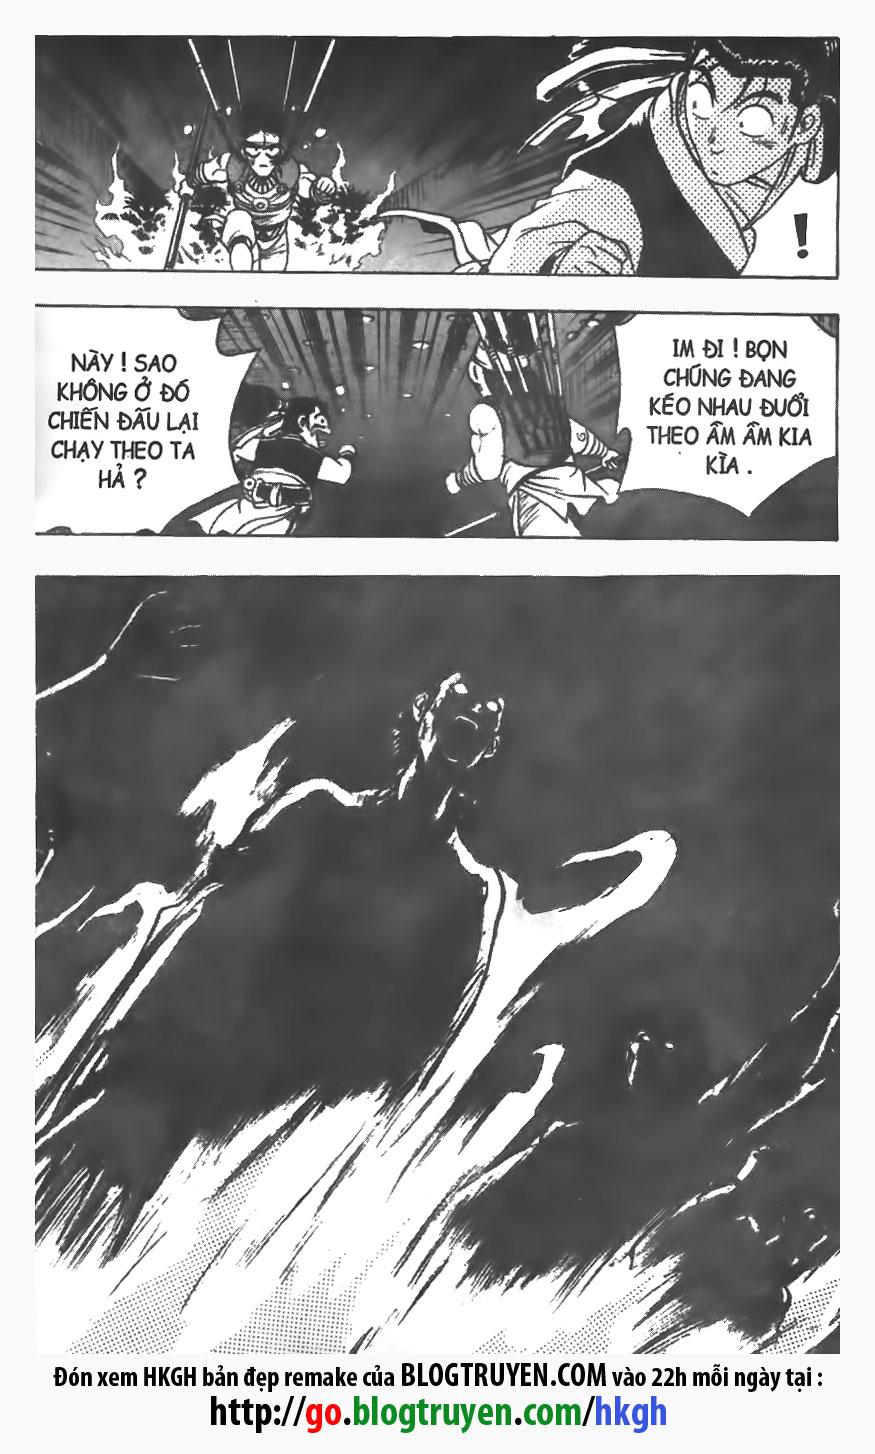 xem truyen moi - Hiệp Khách Giang Hồ Vol19 - Chap 128 - Remake